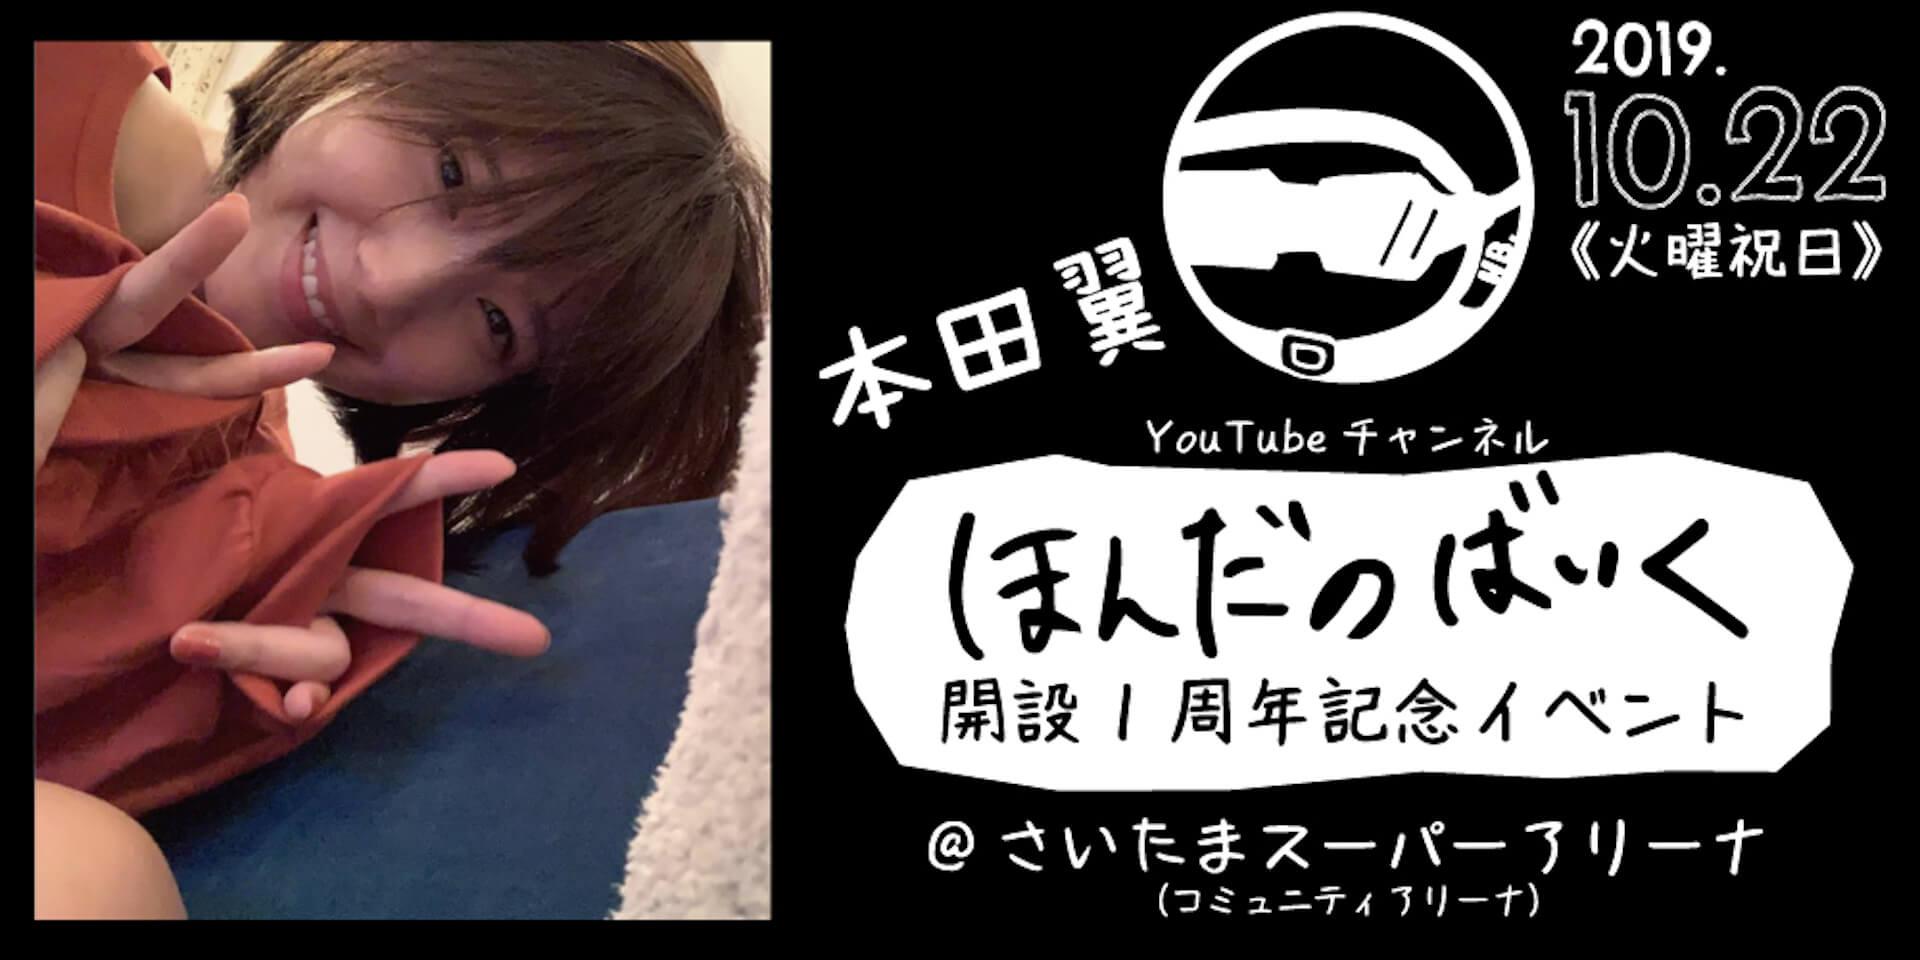 あなたも本田翼とゲームできるかも!?本田翼のYouTubeアカウント「ほんだのばいく」開設1周年記念イベント詳細が発表! art191017_hondanobike_4